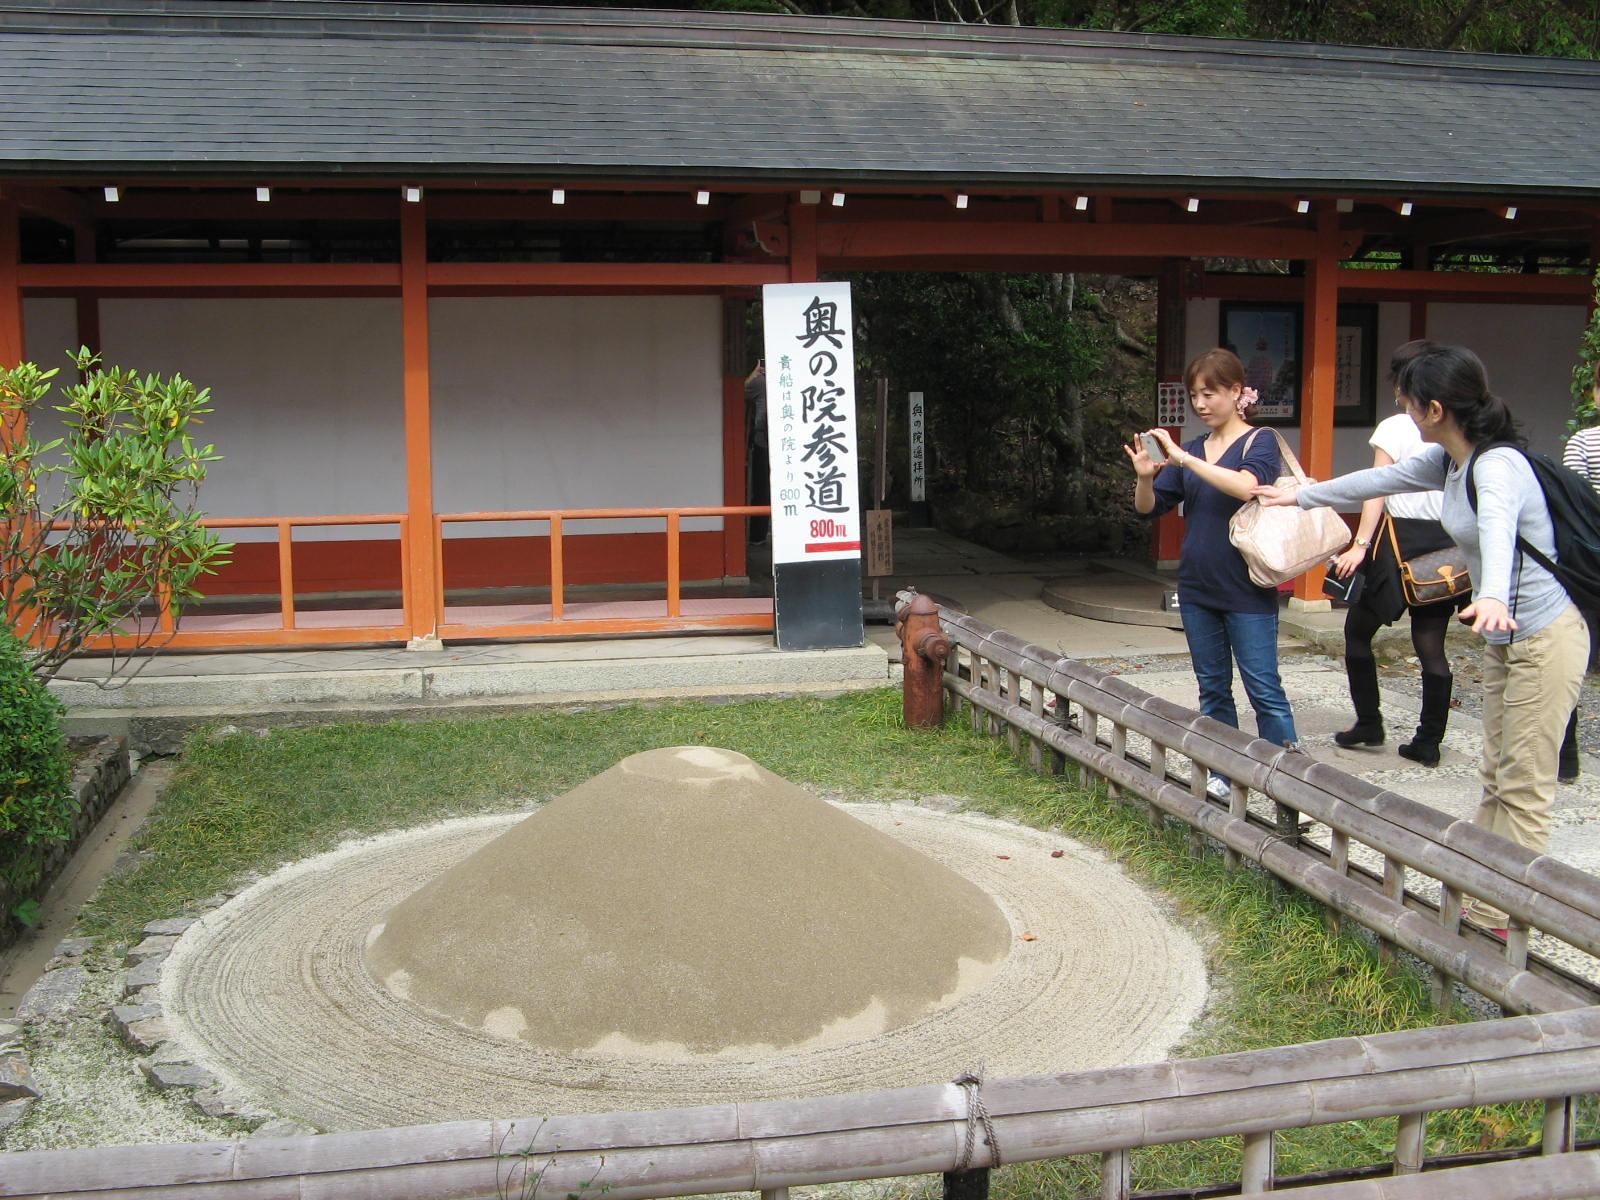 201111031img_5296 京都の旅~鞍馬寺・常照皇寺~: NaoMaの独り言 NaoM